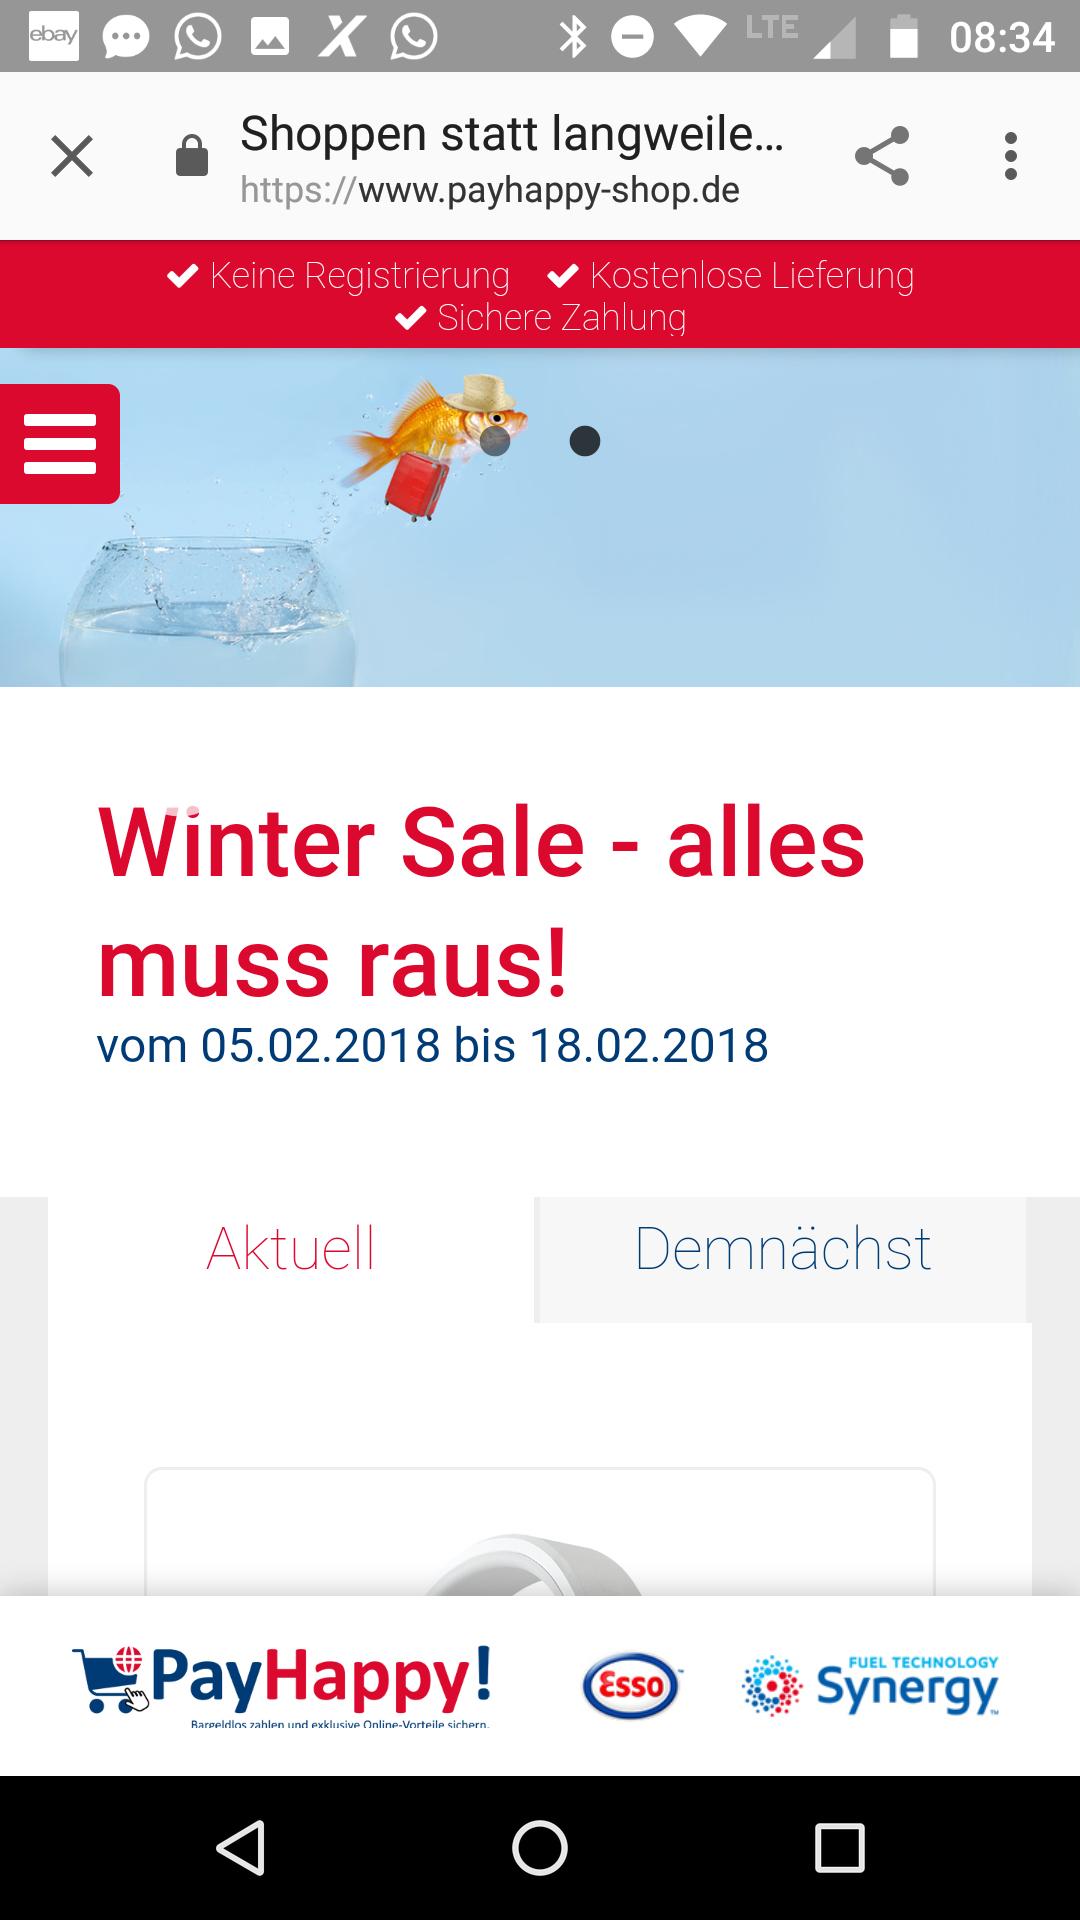 ESSO payhappy Shop online hat Wintersale bis 18.2.18 diverse gute Angebote z.B ixo Bosch 5.Generation 38,-versandkostenfrei ,JBL Kopfhörer etc